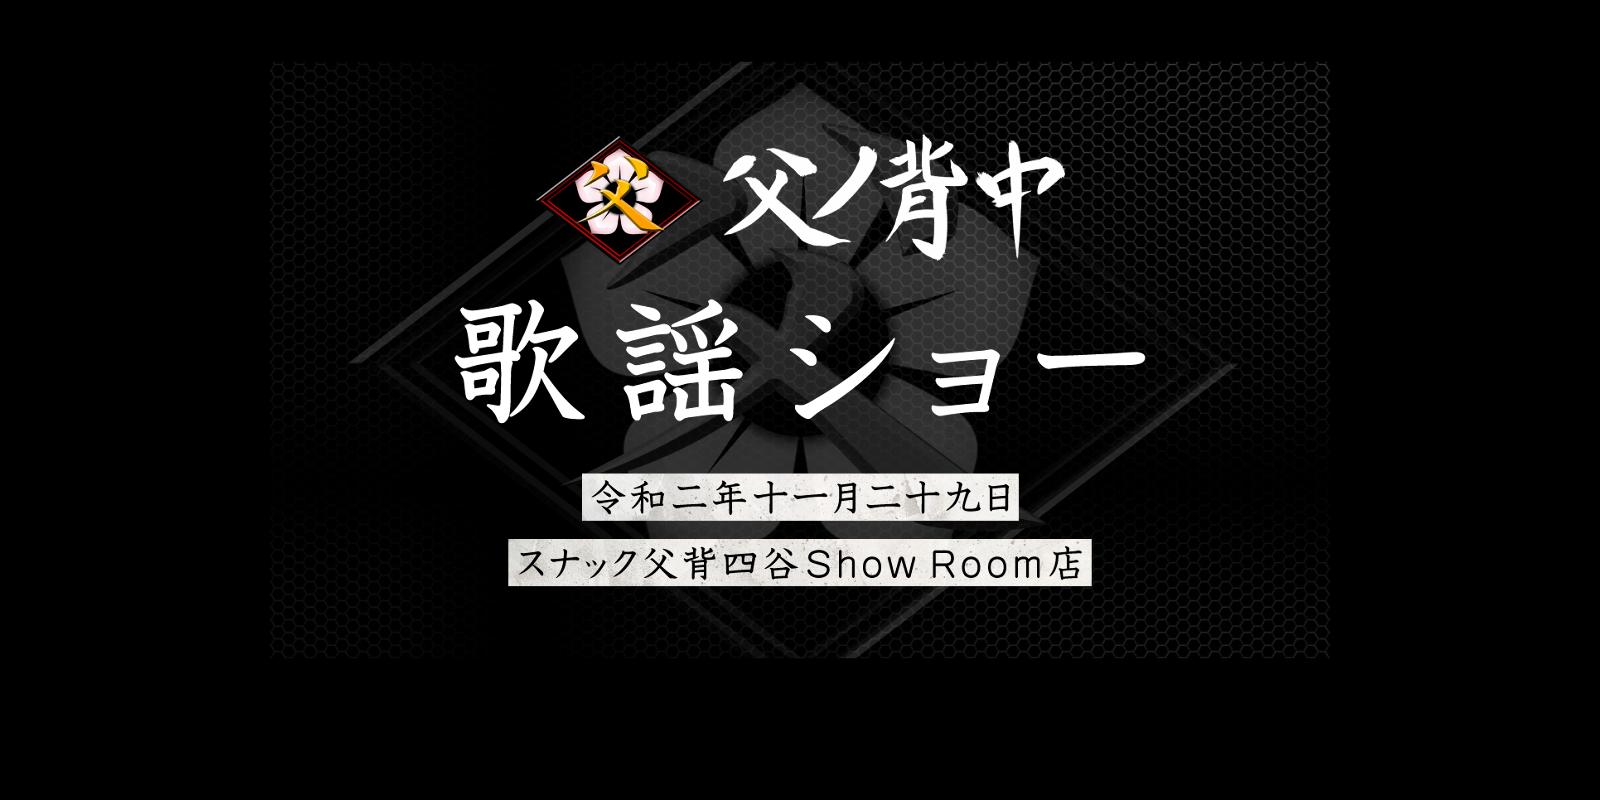 父の背中 歌謡ショー2020年11月に開催決定!!(TOP)